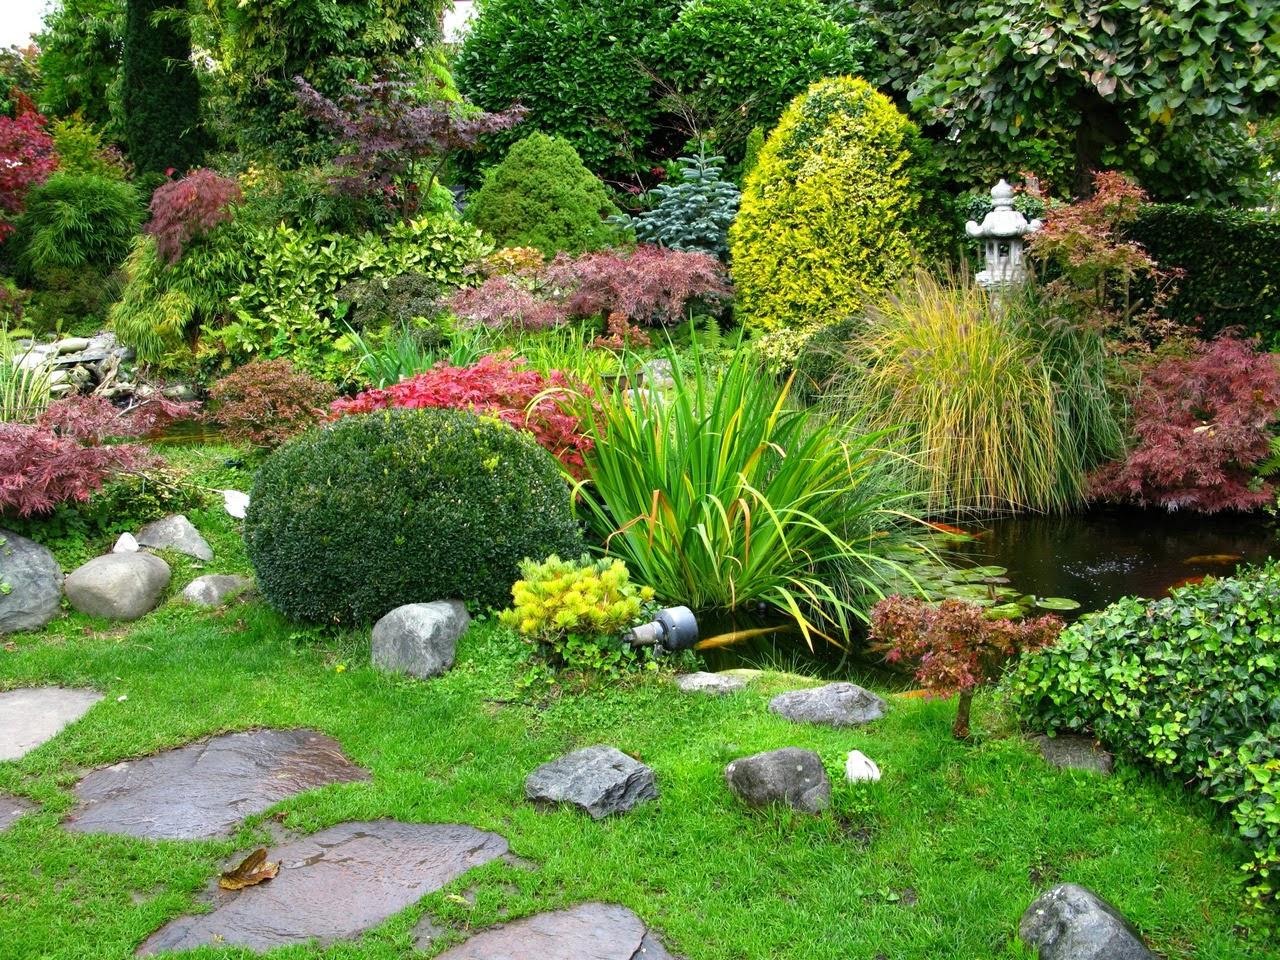 Fondos para fotos jardin interior - Fotos de jardines ...